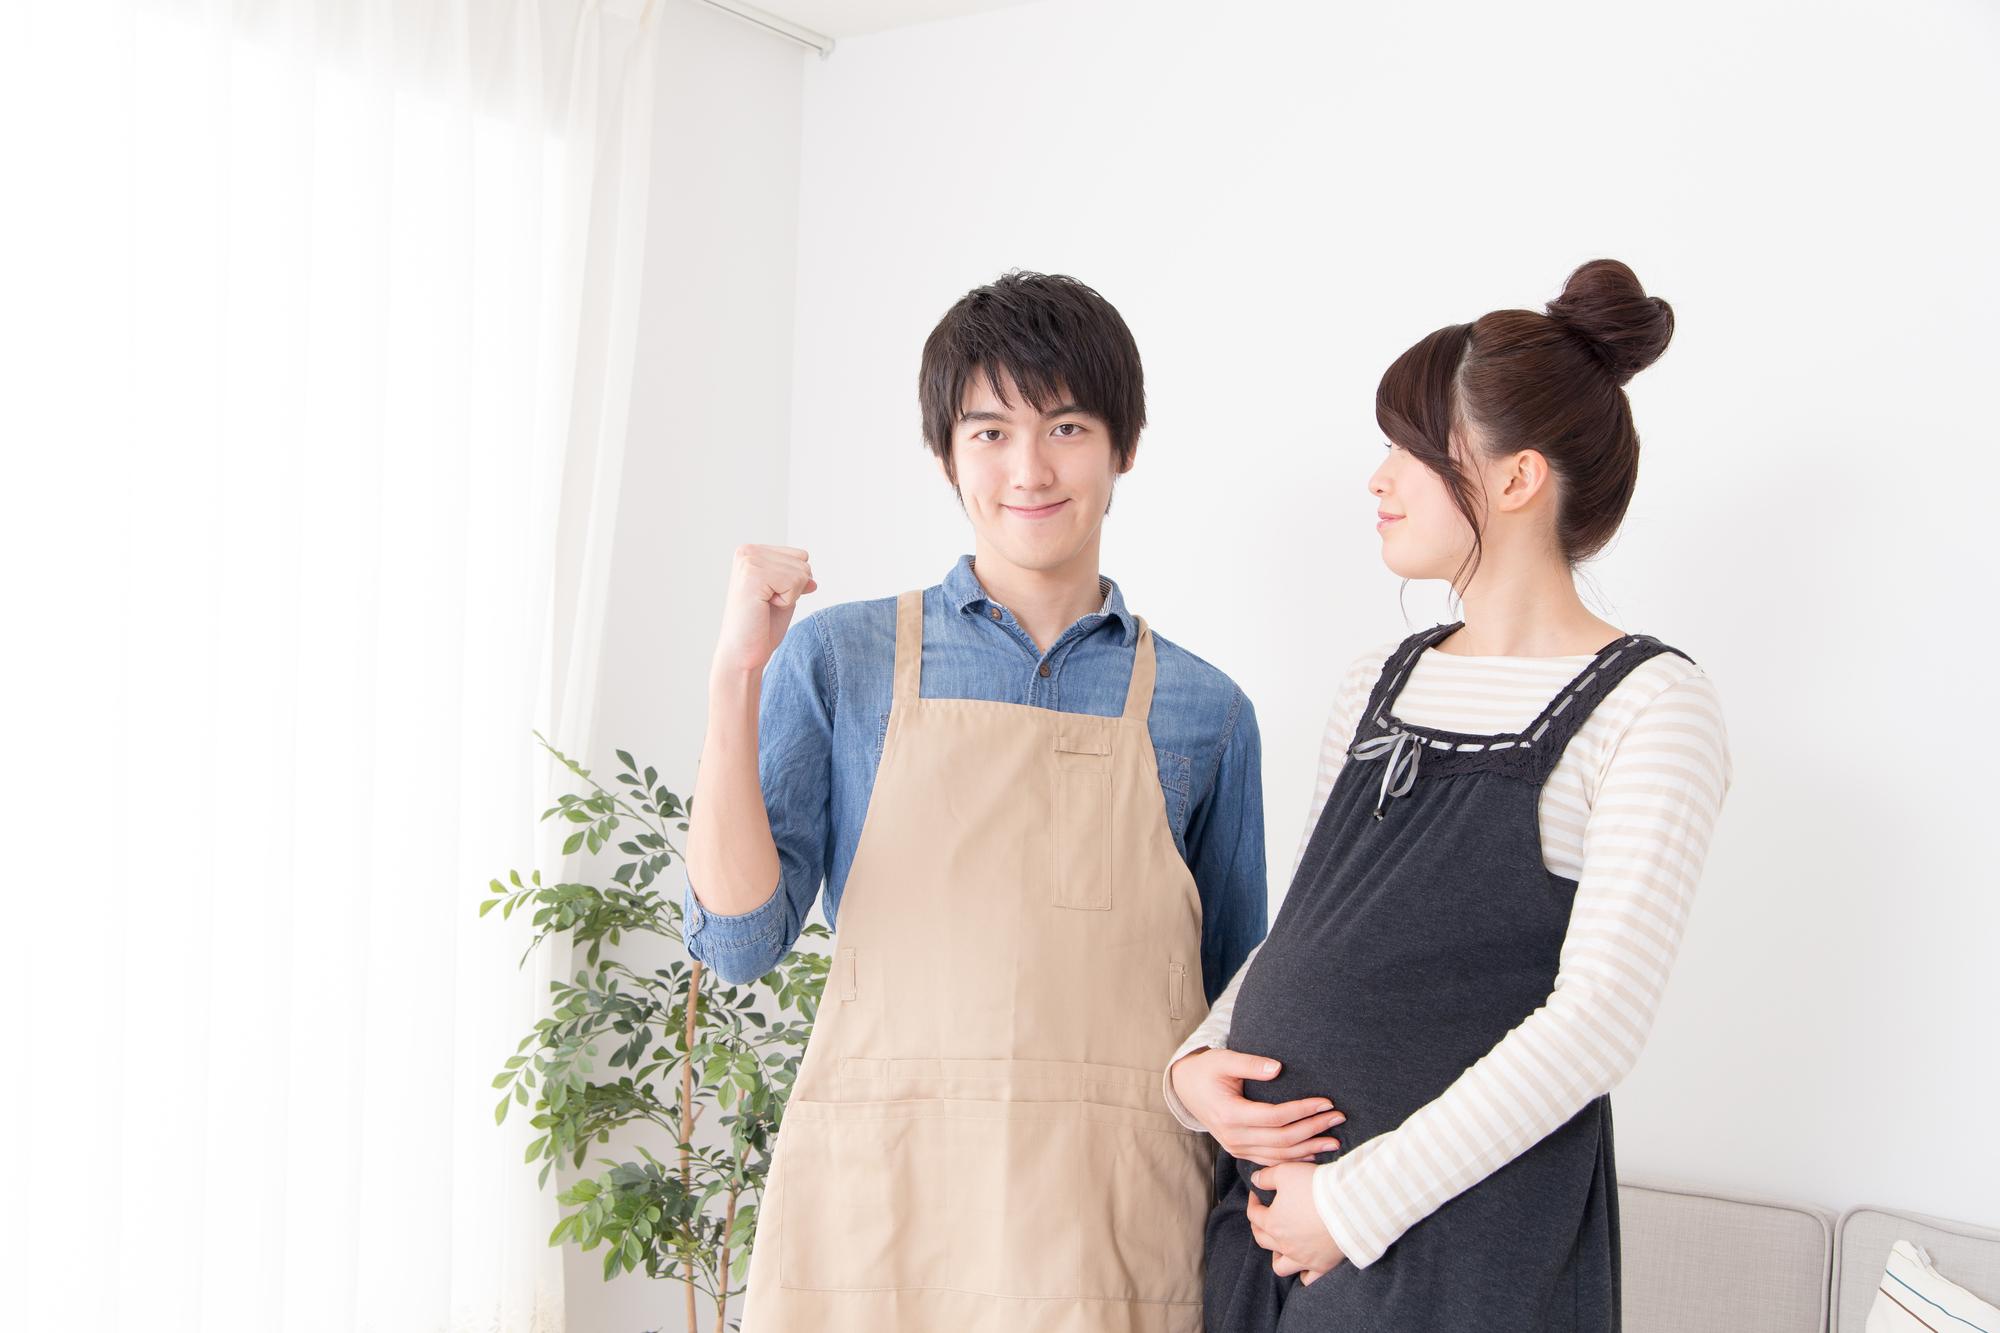 妊婦の妻と夫